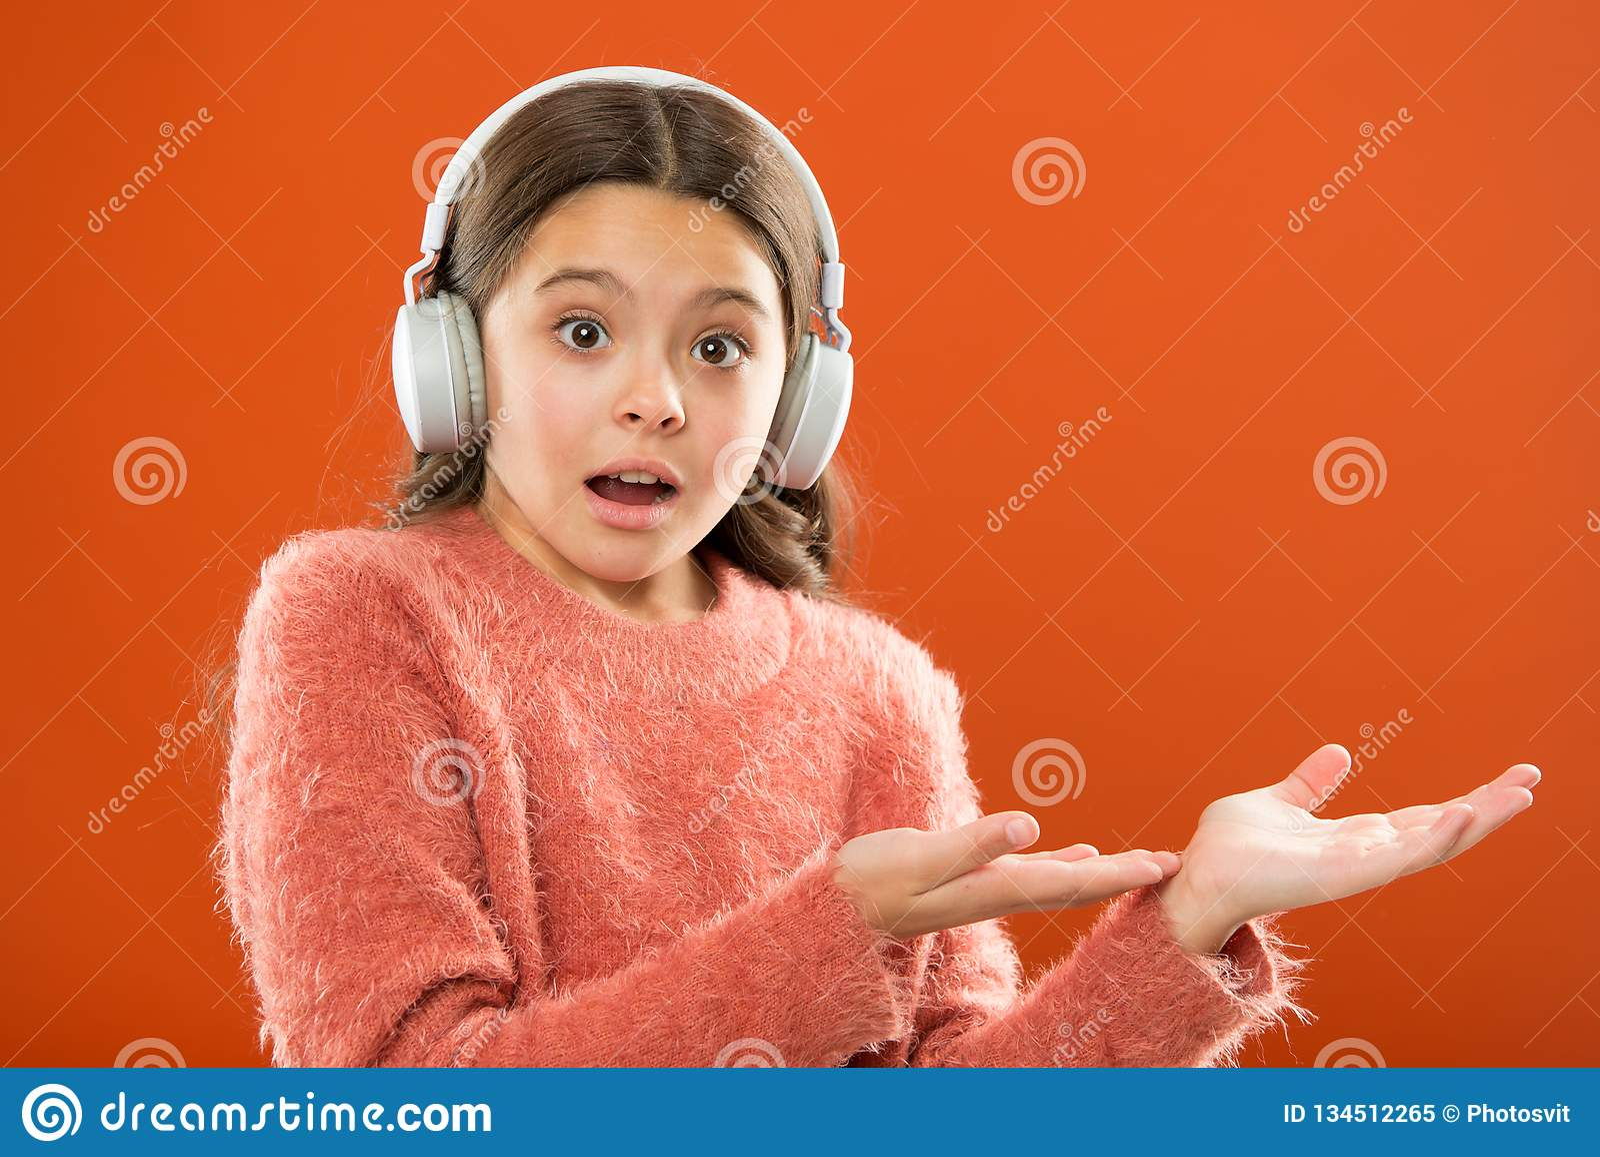 Compruebe hacia fuera el espacio de la copia del servicio de la música Consiga la suscripción de la cuenta de la música Disfrute